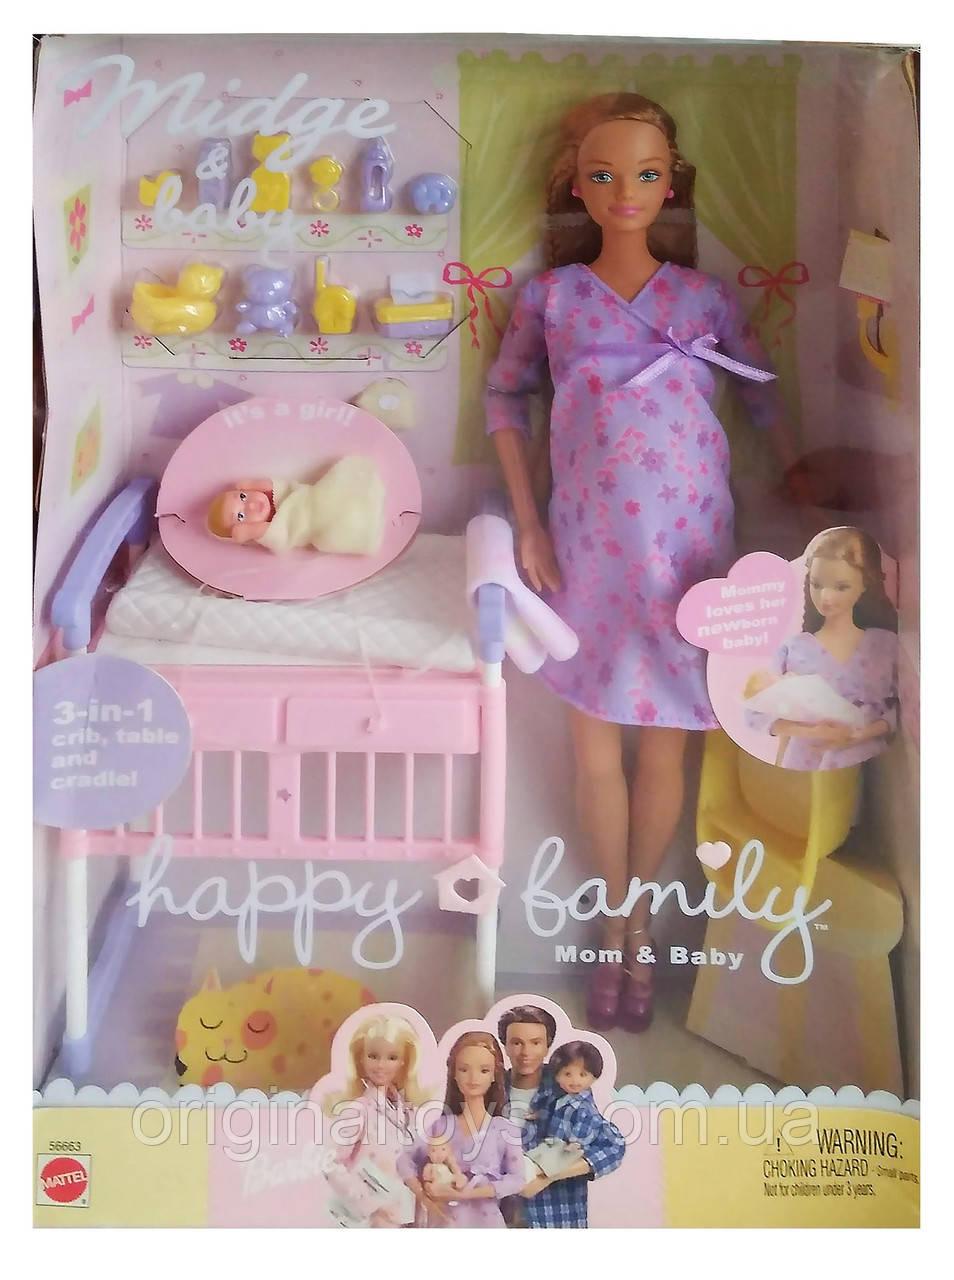 Колекційна лялька вагітна Мідж і малюк Happy Family Midge & Baby 2002 Mattel 56663